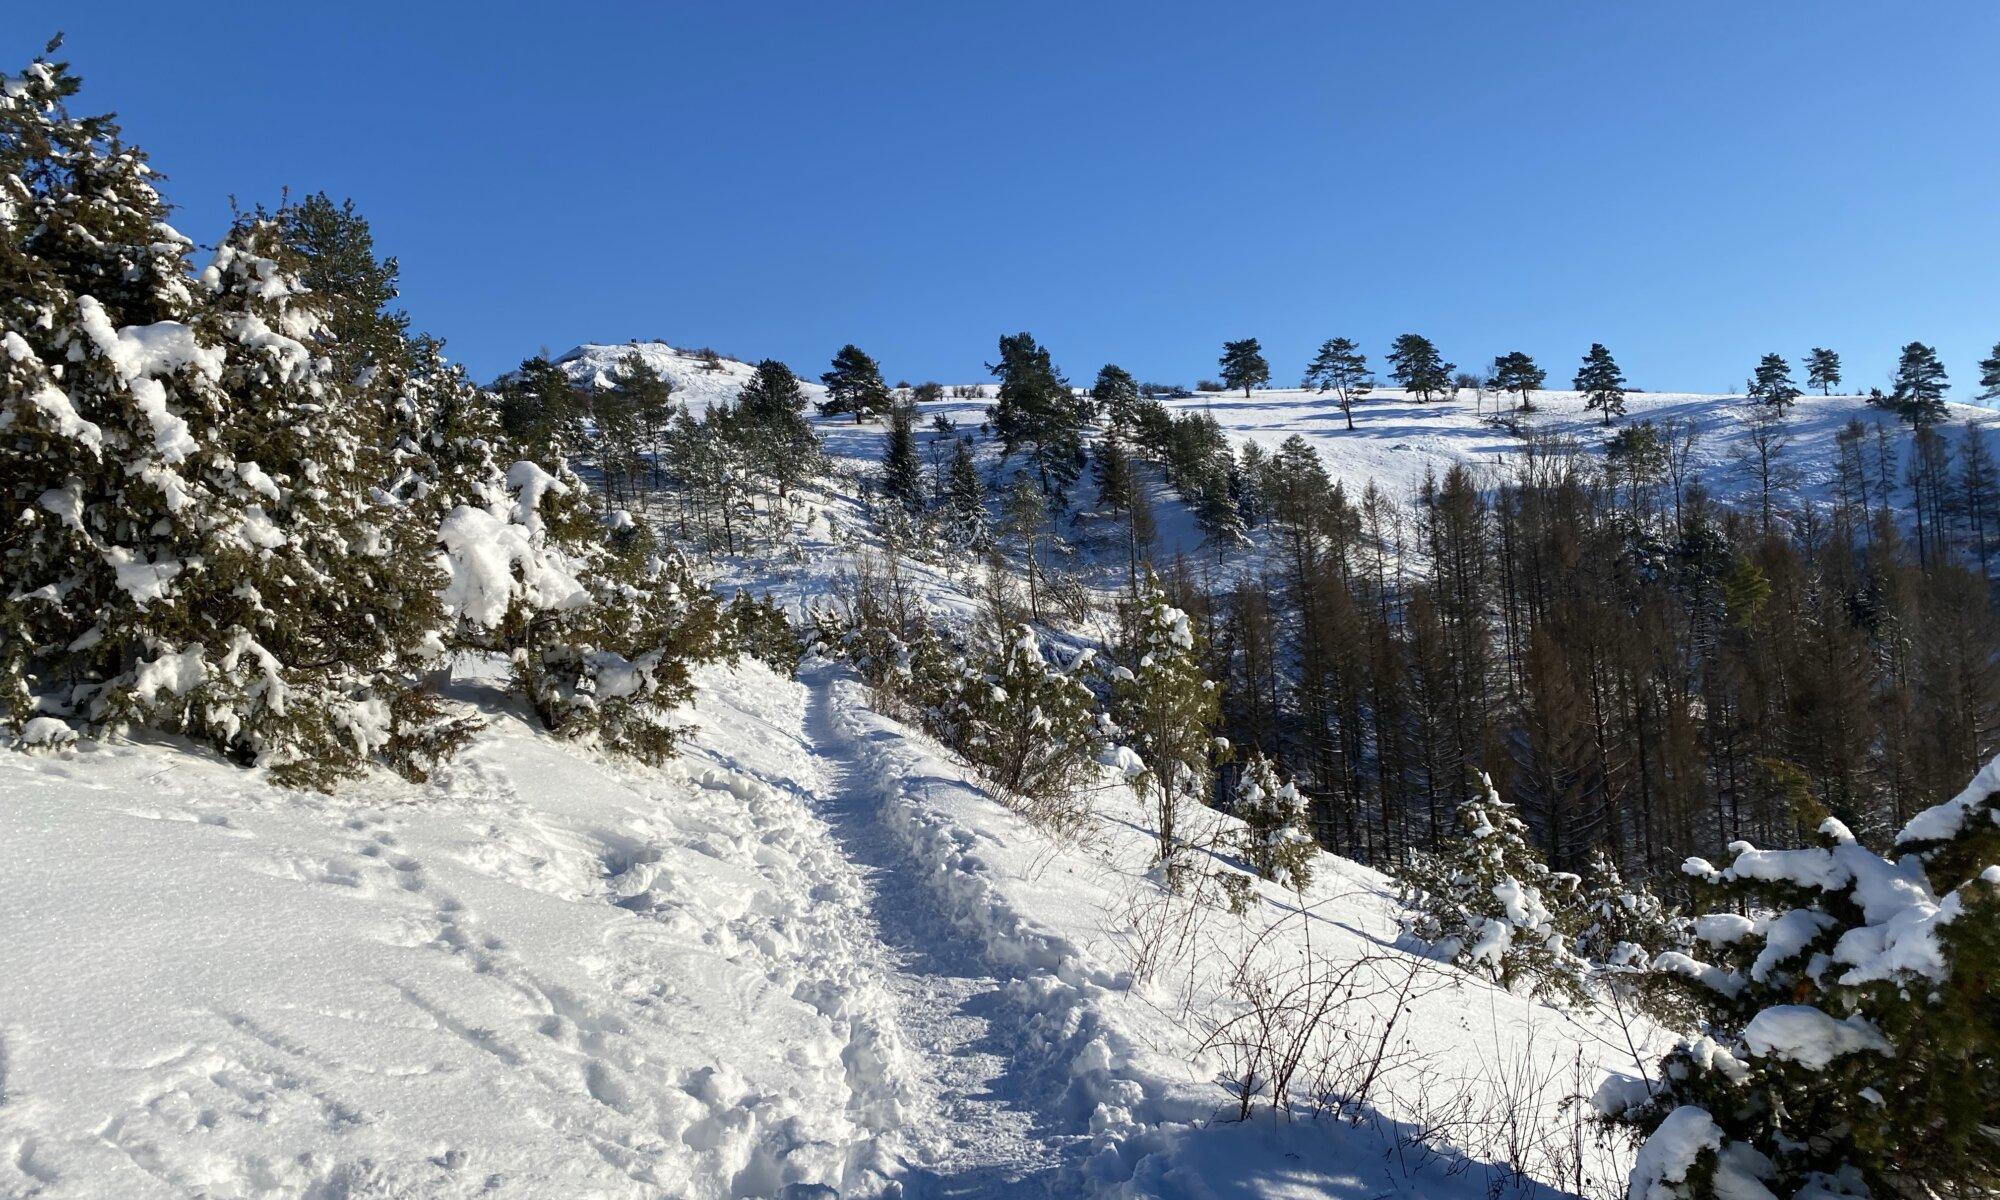 Alpenpfad, Dörnberg, Zierenberg